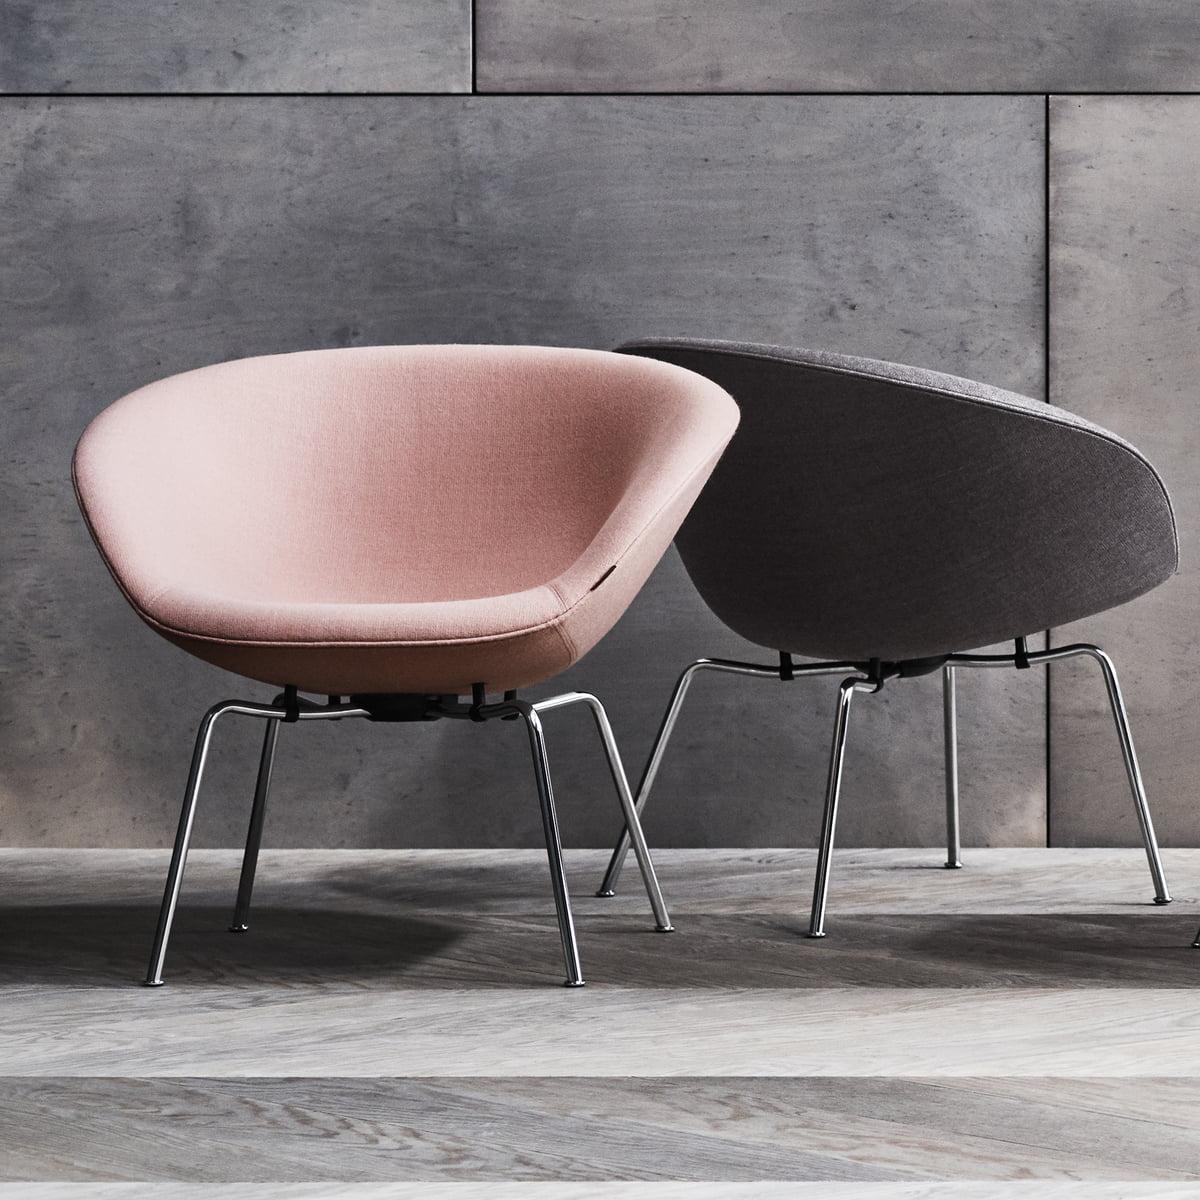 Pot Chair By Fritz Hansen Connox